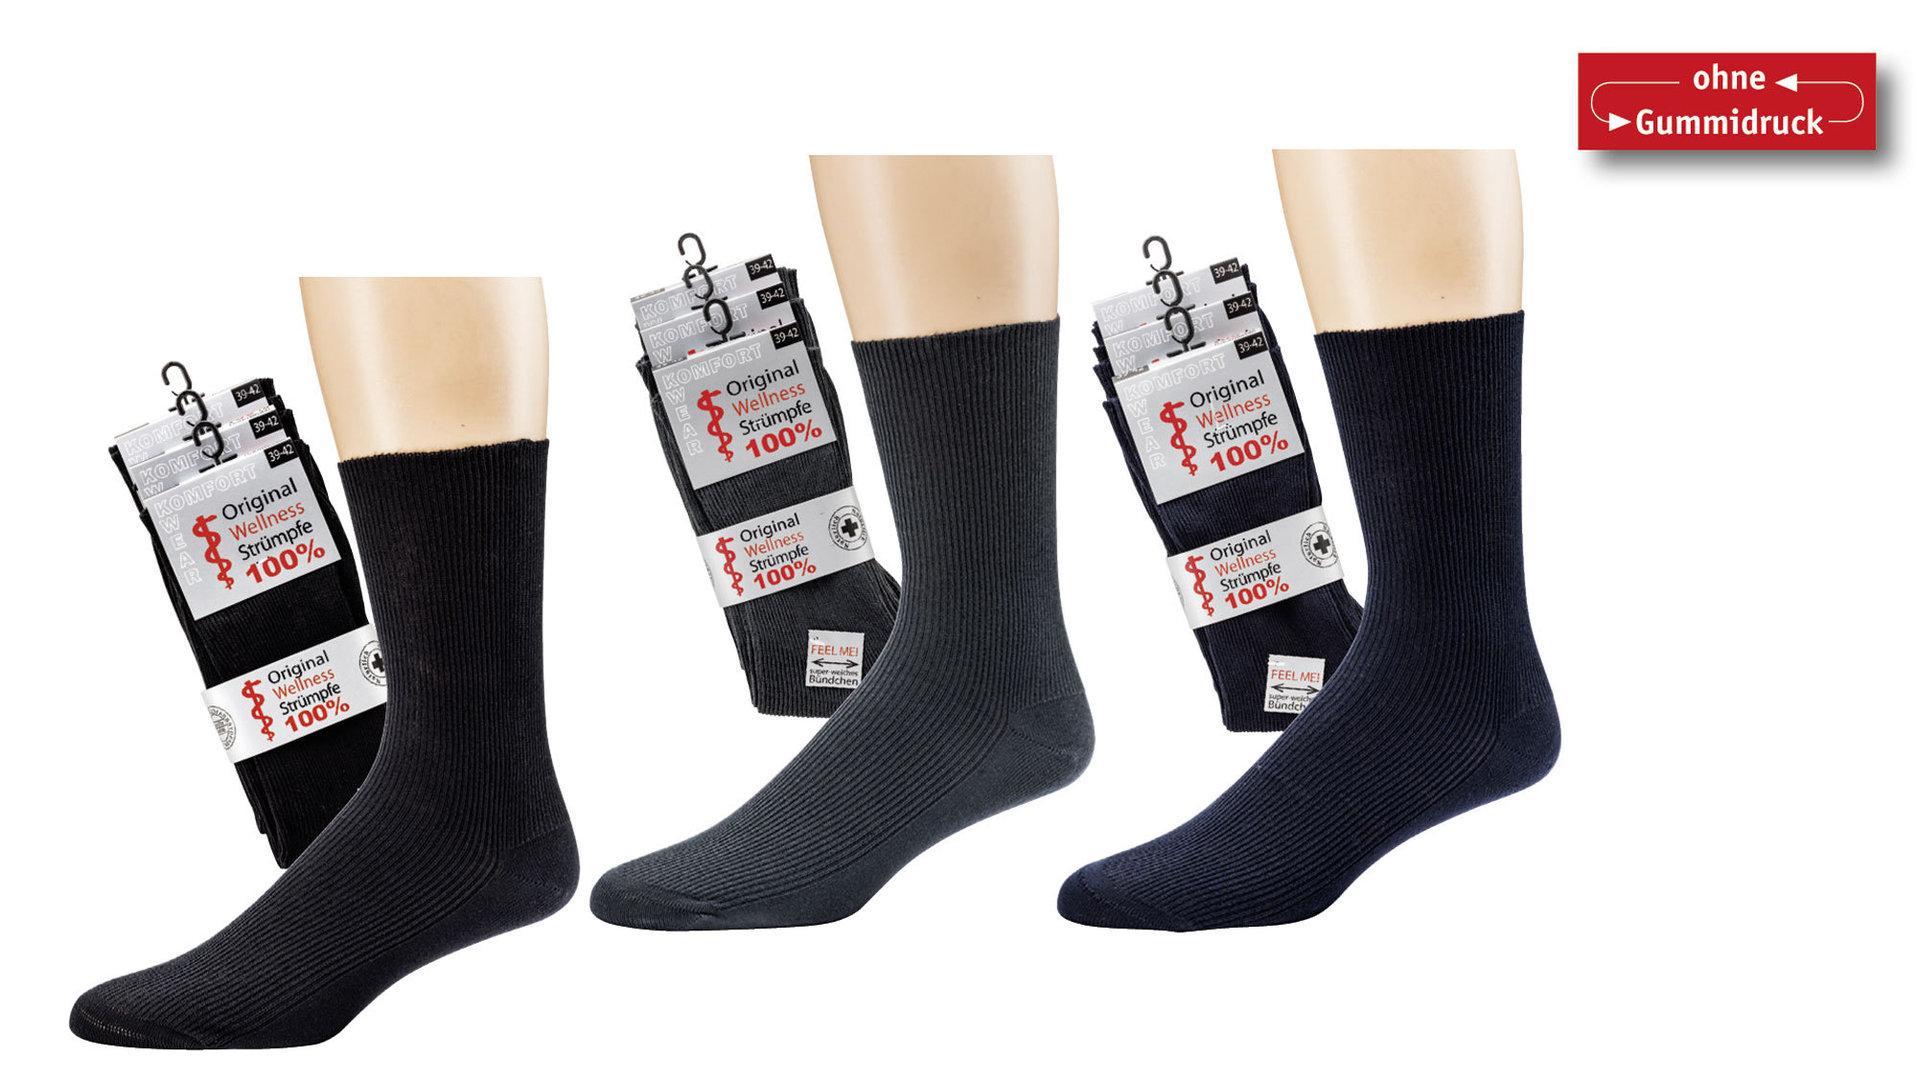 Gemütlich Fuchs In Socken Färbung Seite Zeitgenössisch - Framing ...